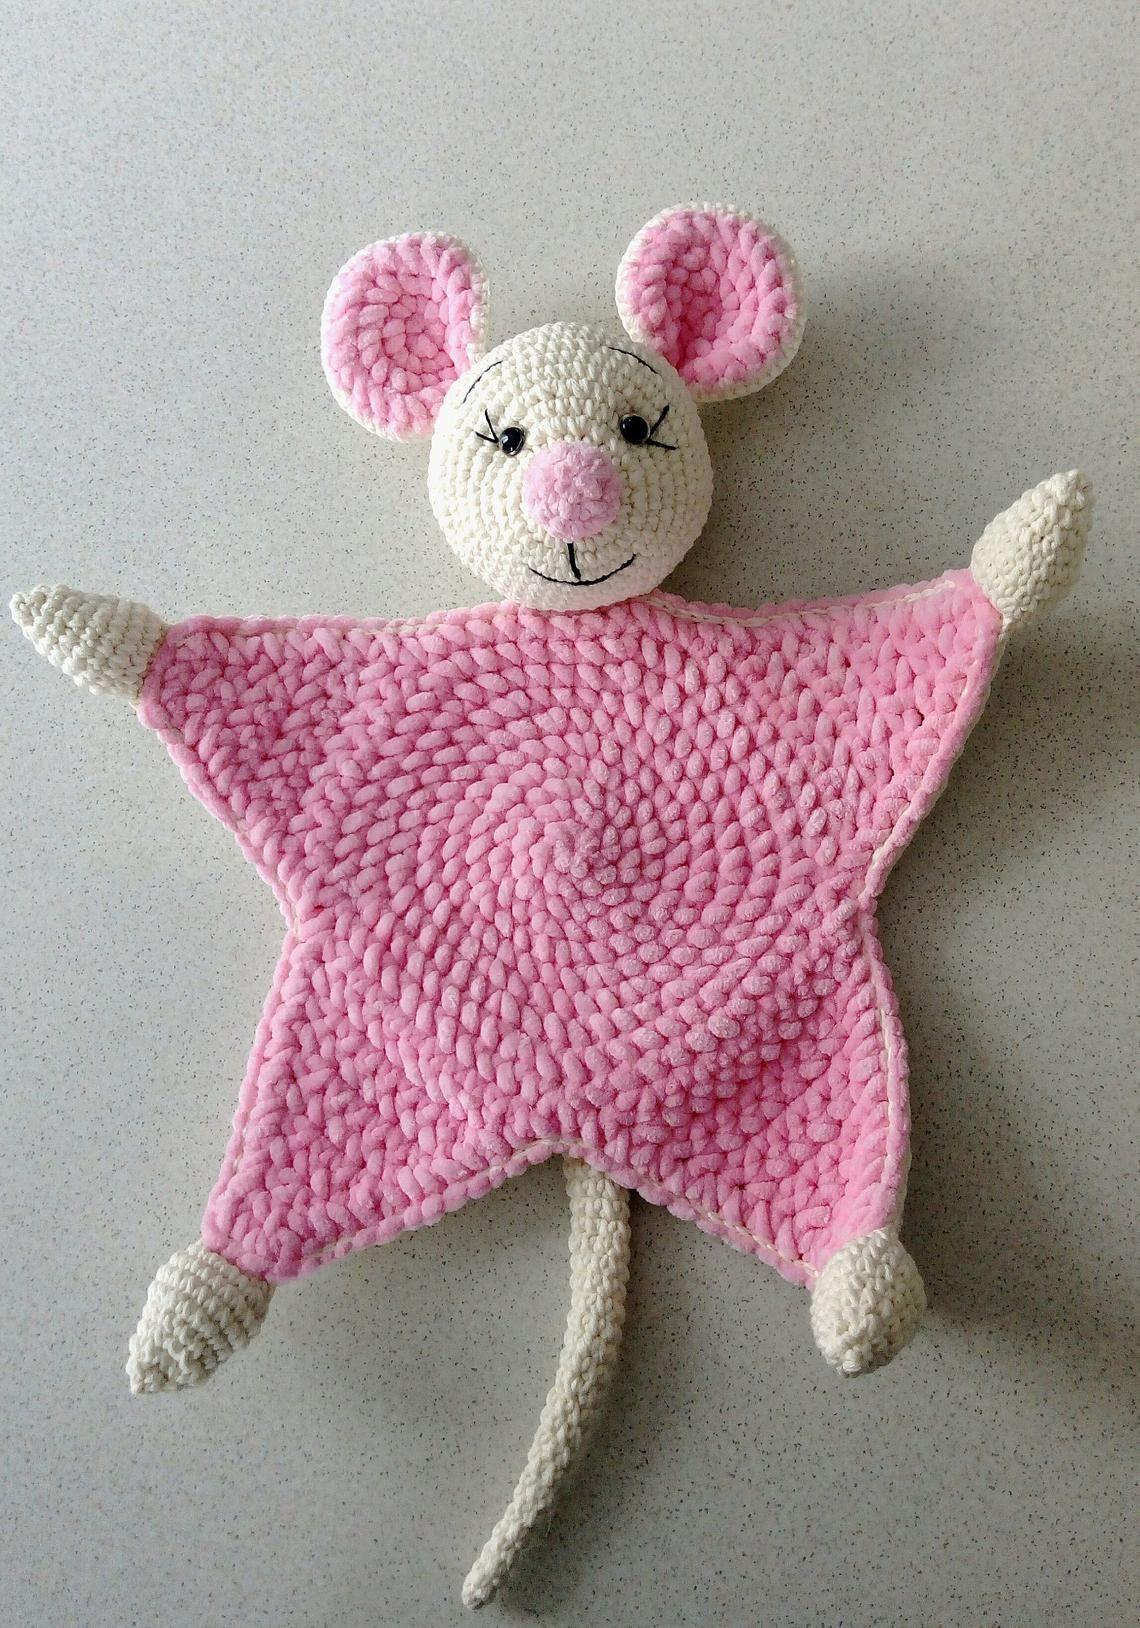 Kuscheln Sie Decke Handgemachte Troster Spielzeug Kinder Etsy